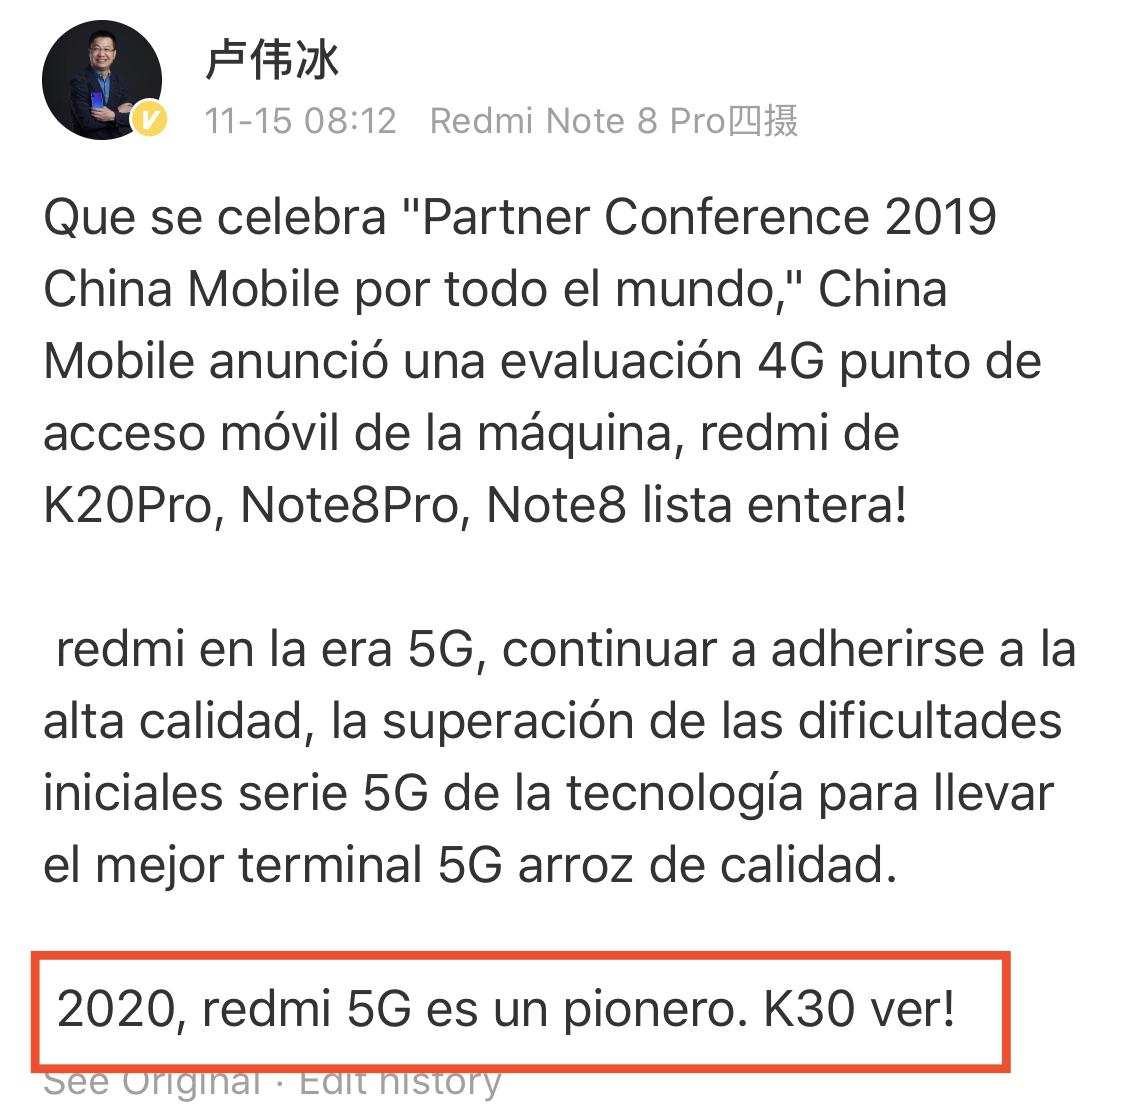 Lu Weibing lo confirma, no habrá Redmi K30 hasta principios de 2020. Noticias Xiaomi Adictos